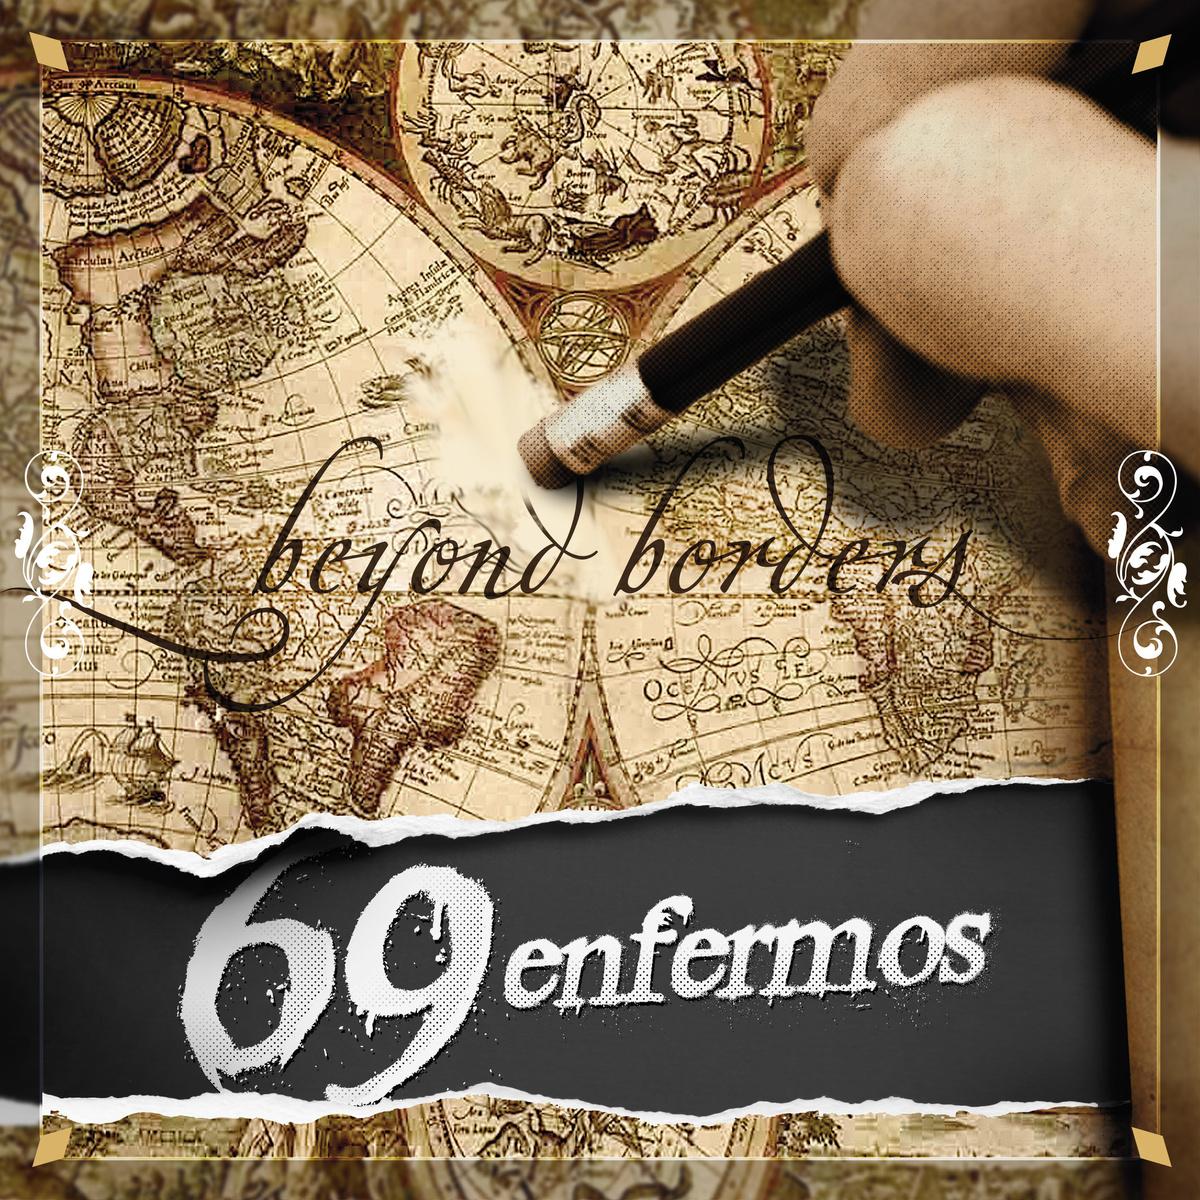 """1995年から活動している南米はコロンビア発ベテランメロディックパンクバンドの最新10曲入りアルバム。今までスペイン語で歌っていましたが今作は英詞に!NO USE FOR A NAME, USELESS ID, LAGWAGON, UNDECLINABLEを彷彿させる哀愁作品。<div><a href=""""https://youtu.be/PU0ijG2BCXQ"""">https://youtu.be/PU0ijG2BCXQ</a><br></div>"""